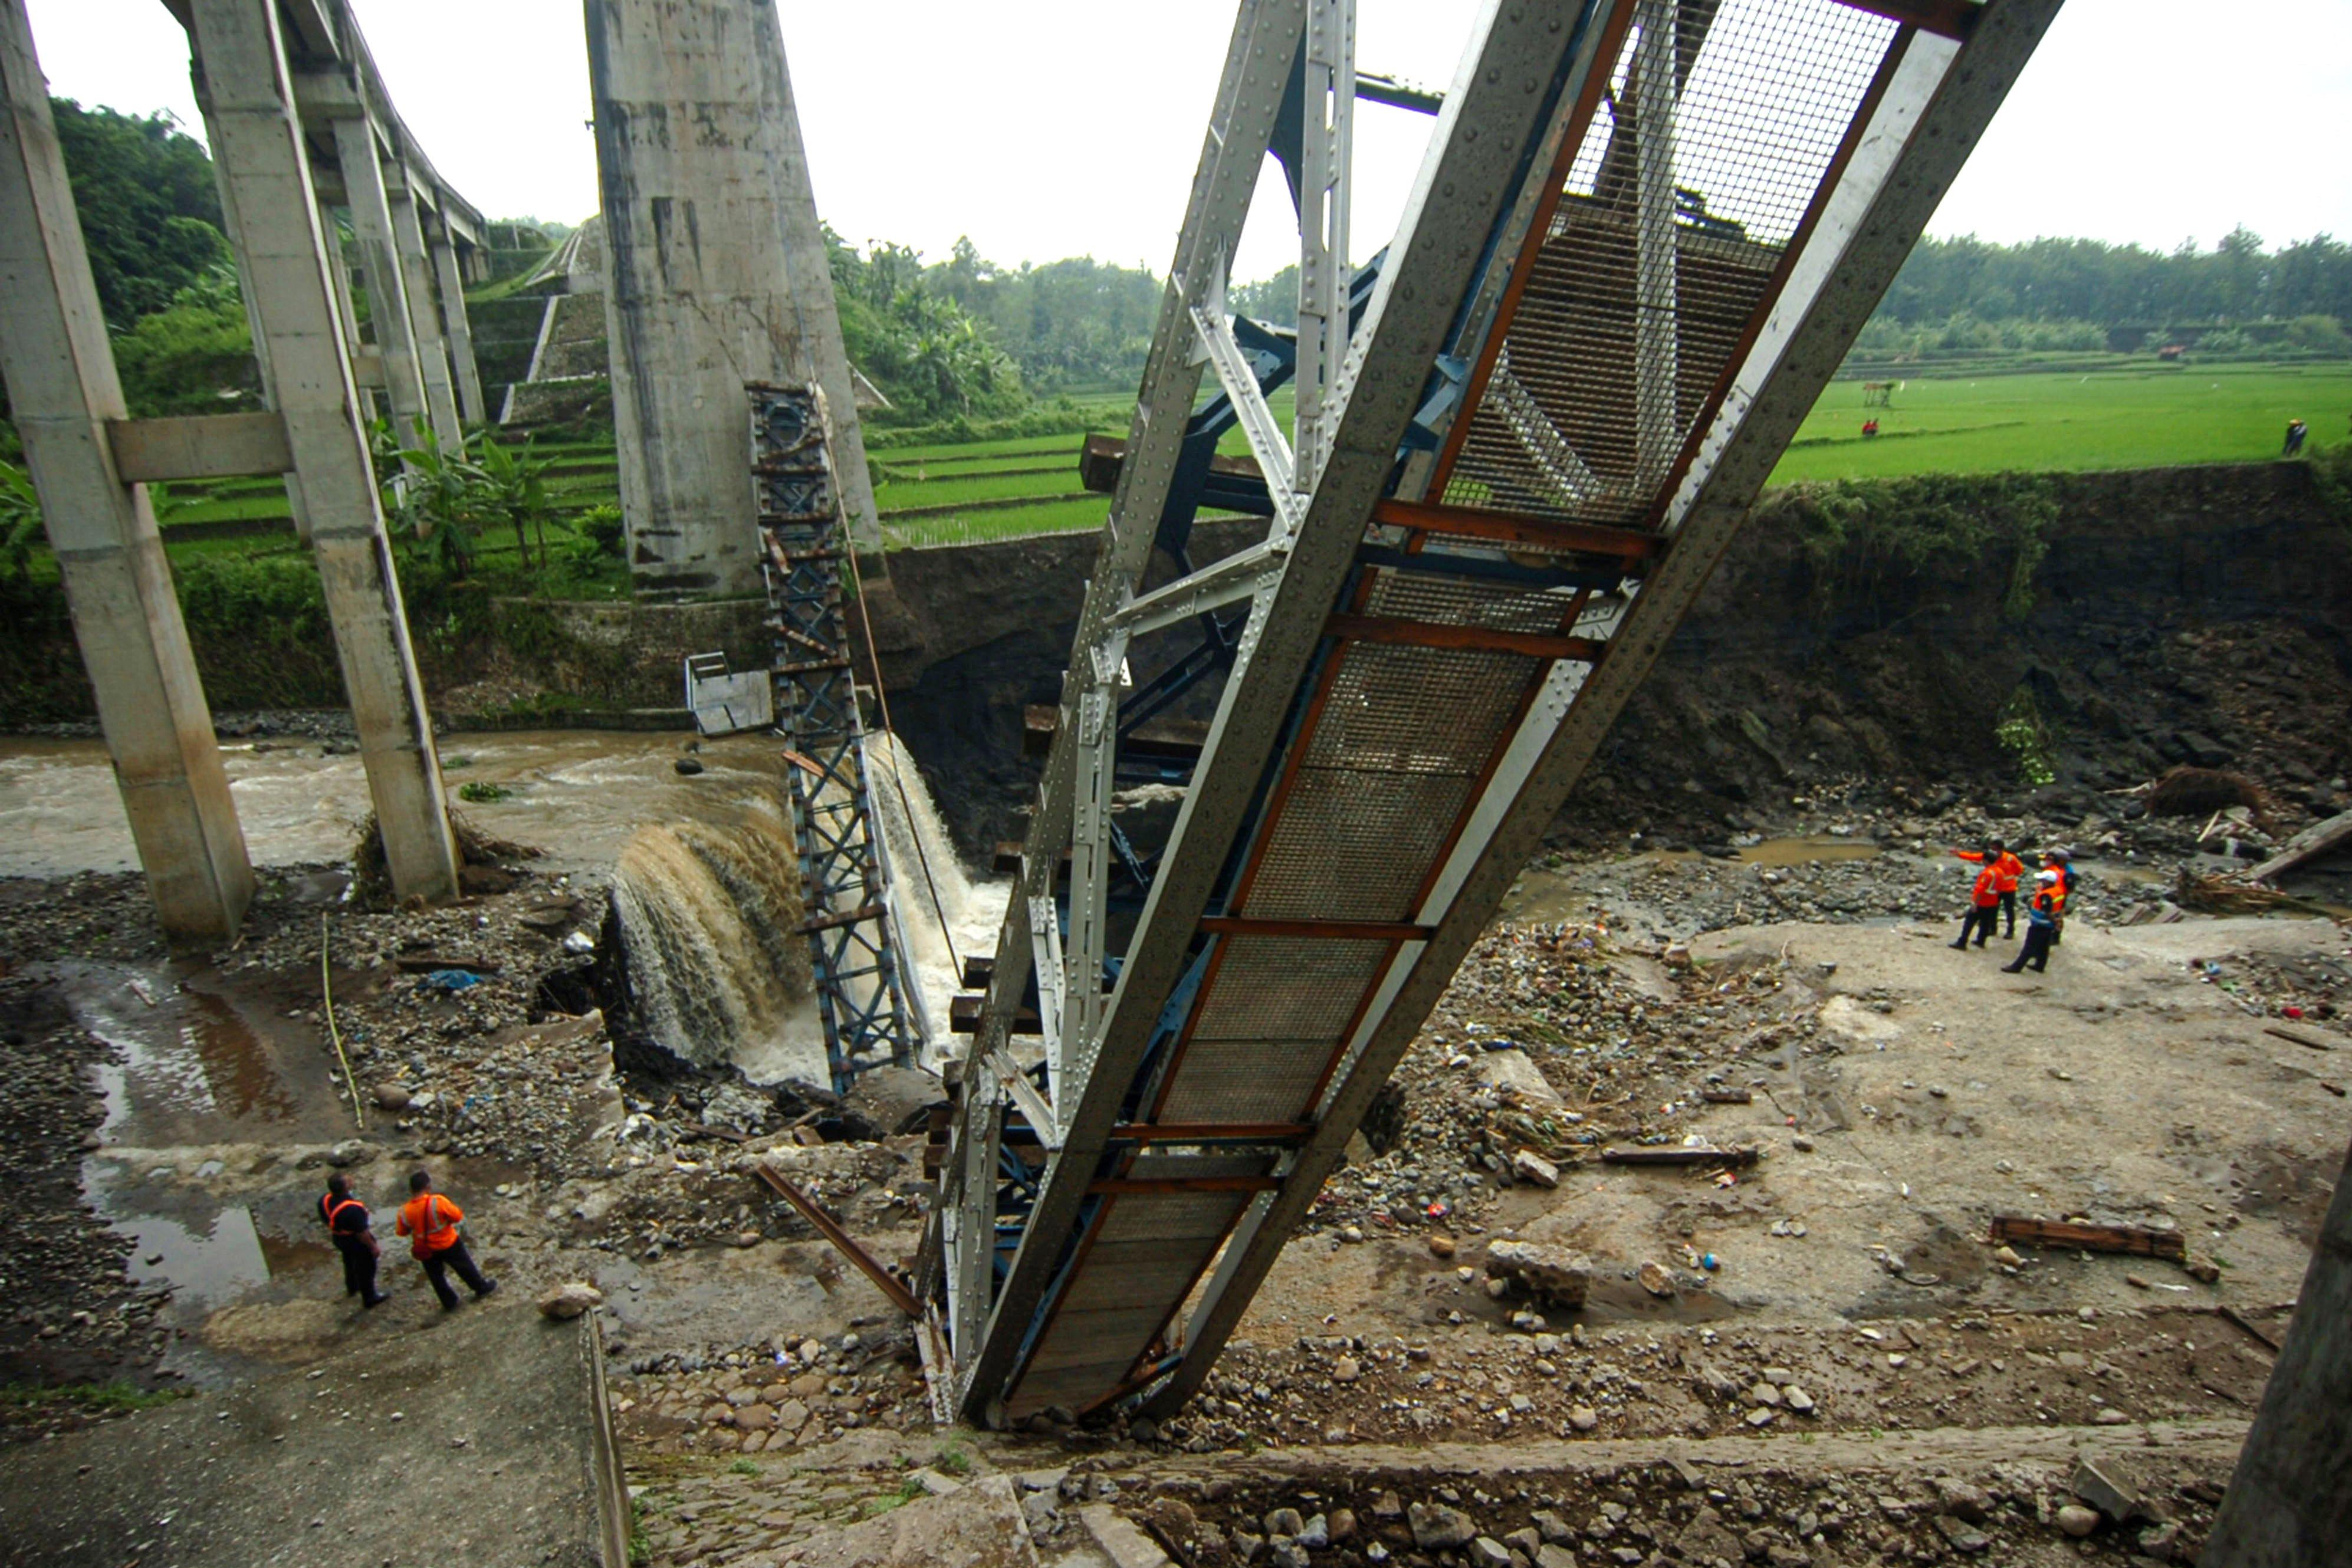 Petugas PT KAI memeriksa jembatan rel Kereta Api (KA) yang ambruk di Dukuh Timbang, Desa Tonjong, Brebes, Jawa Tengah, Selasa (12/1/2021). Jembatan sepanjang 50 meter dengan tinggi 22 meter yang menghubungkan Jakarta-Yogyakarta-Surabaya via jalur Selatan tersebut ambruk akibat diterjang banjir Sungai Glagah.